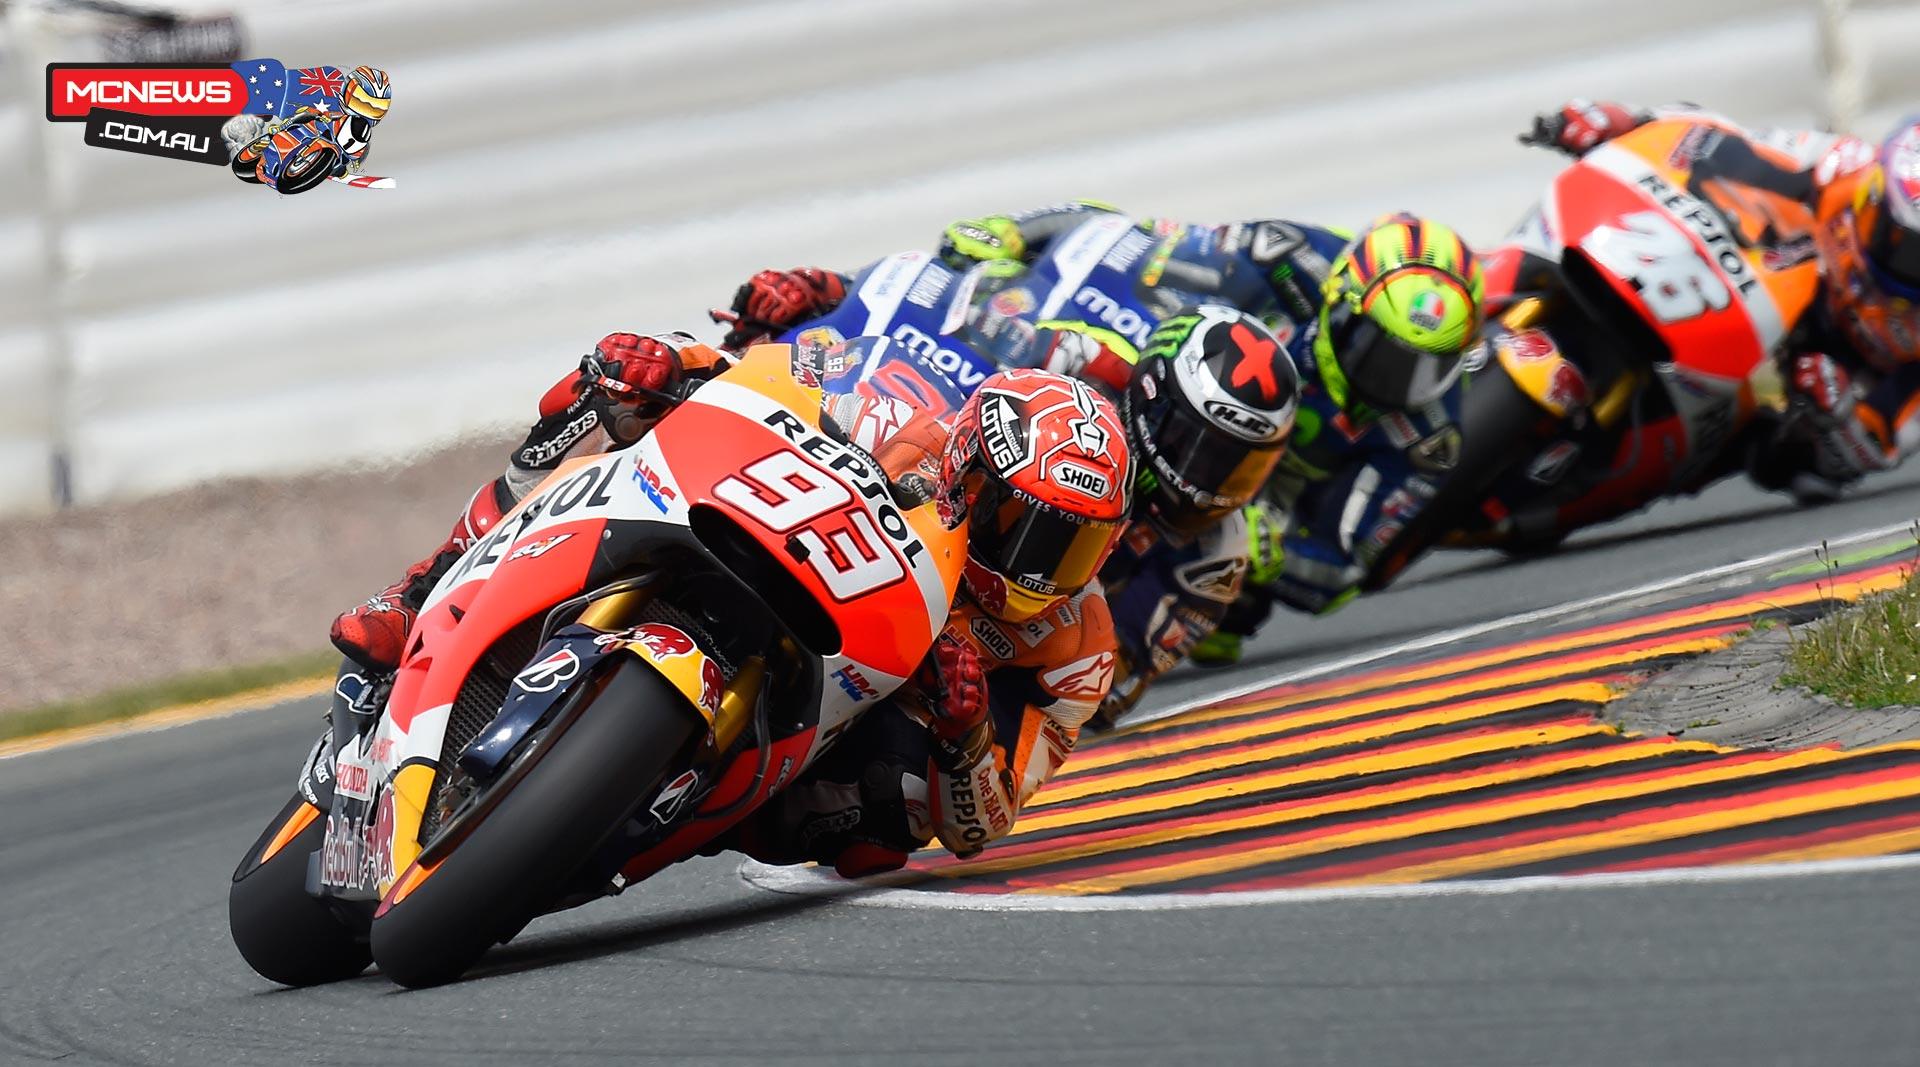 MotoGP 2015 - Round Nine - Sachsenring - Marc Marquez